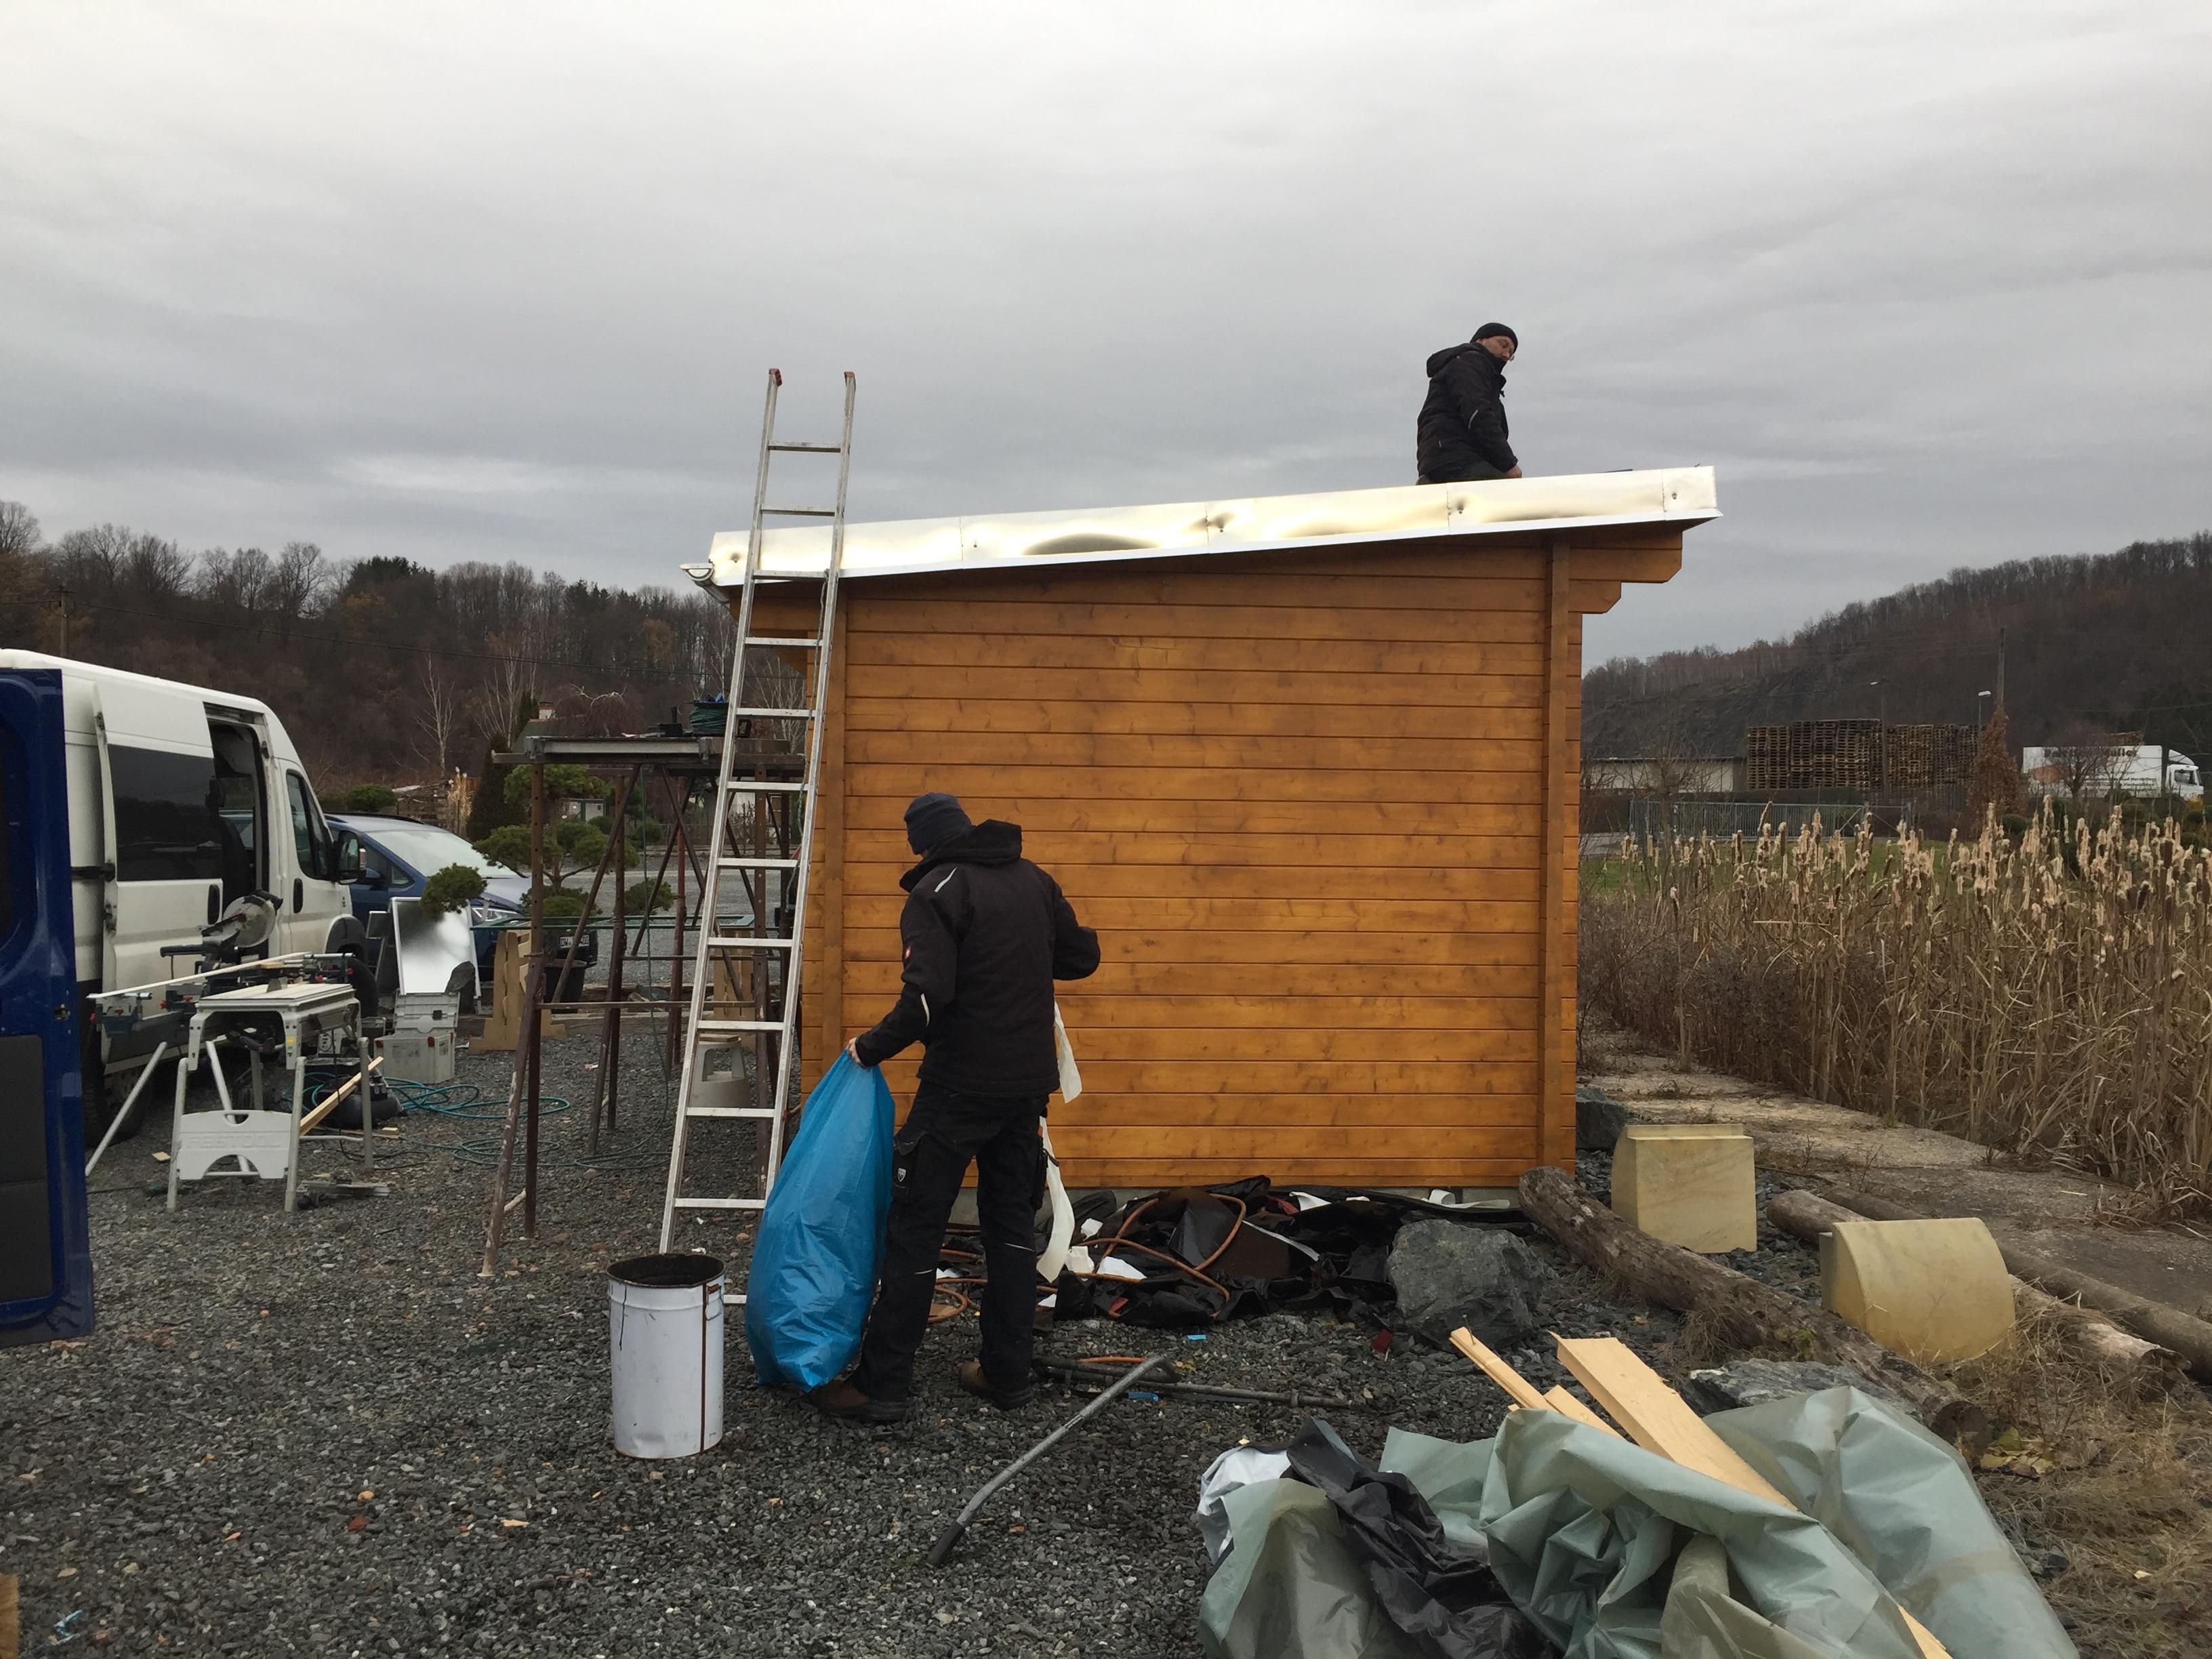 jetzt kommt das Dach drauf, das wird im Frühjahr noch begrünt